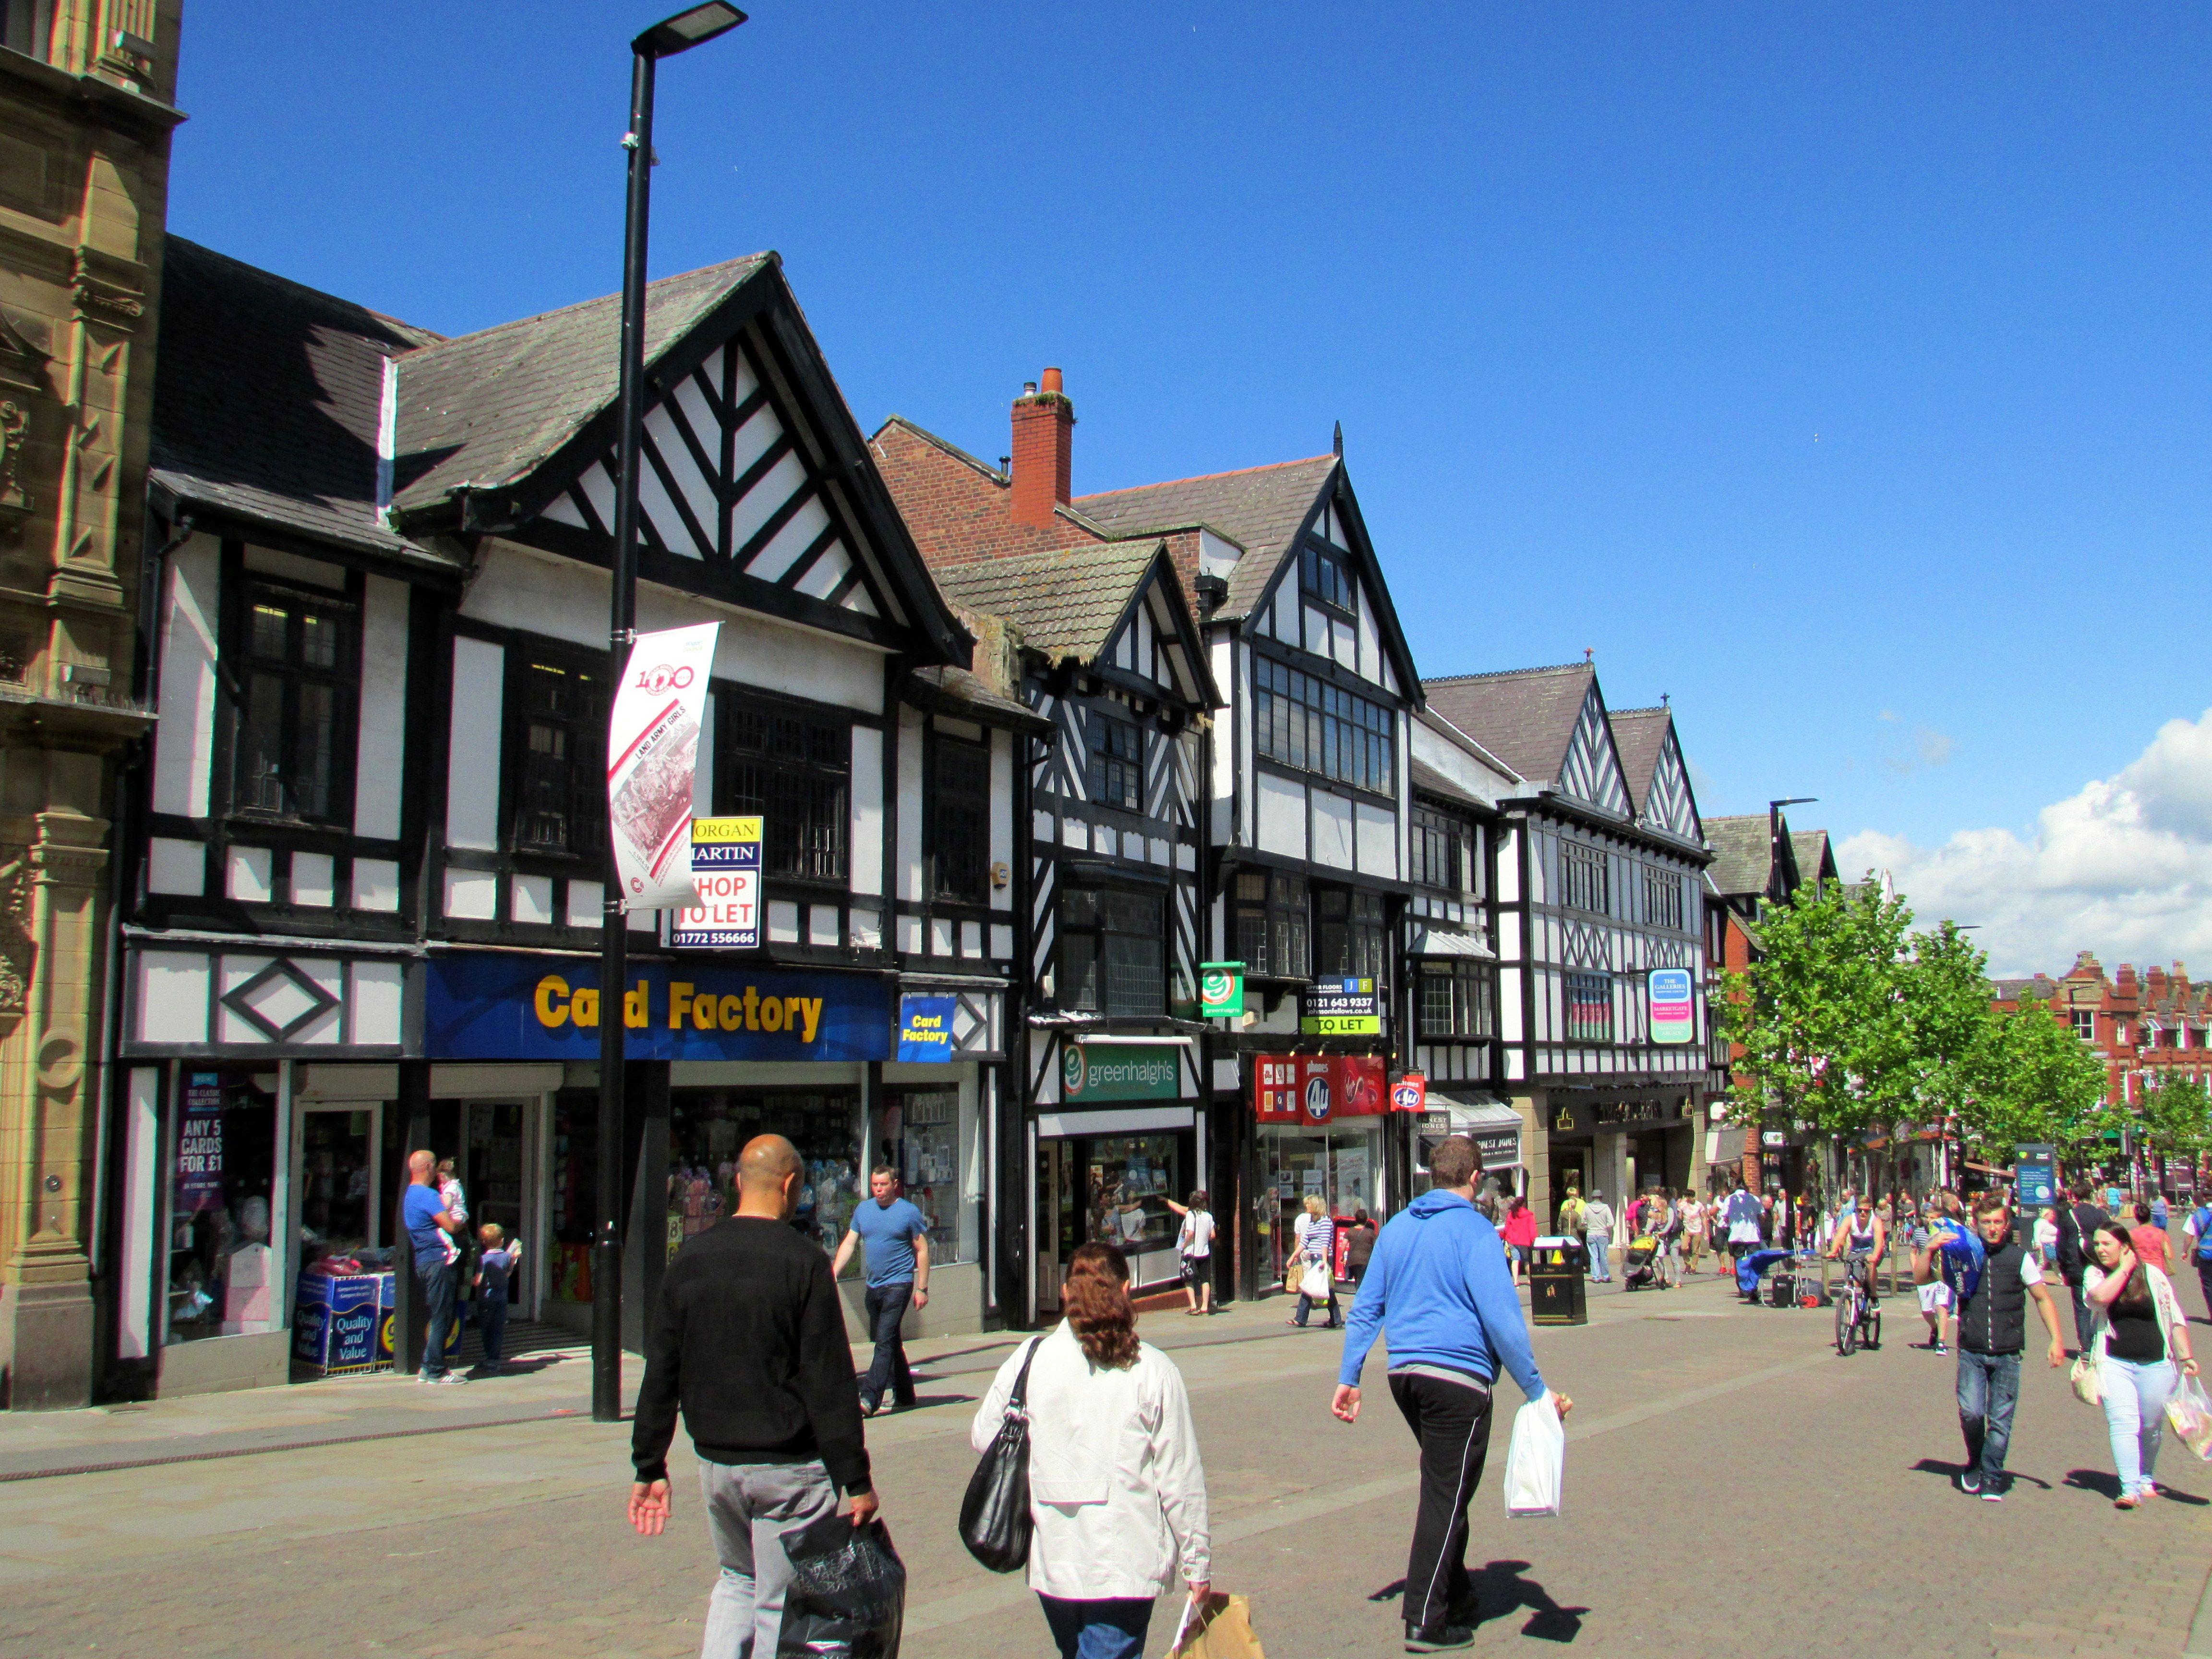 A busy pedestrian street